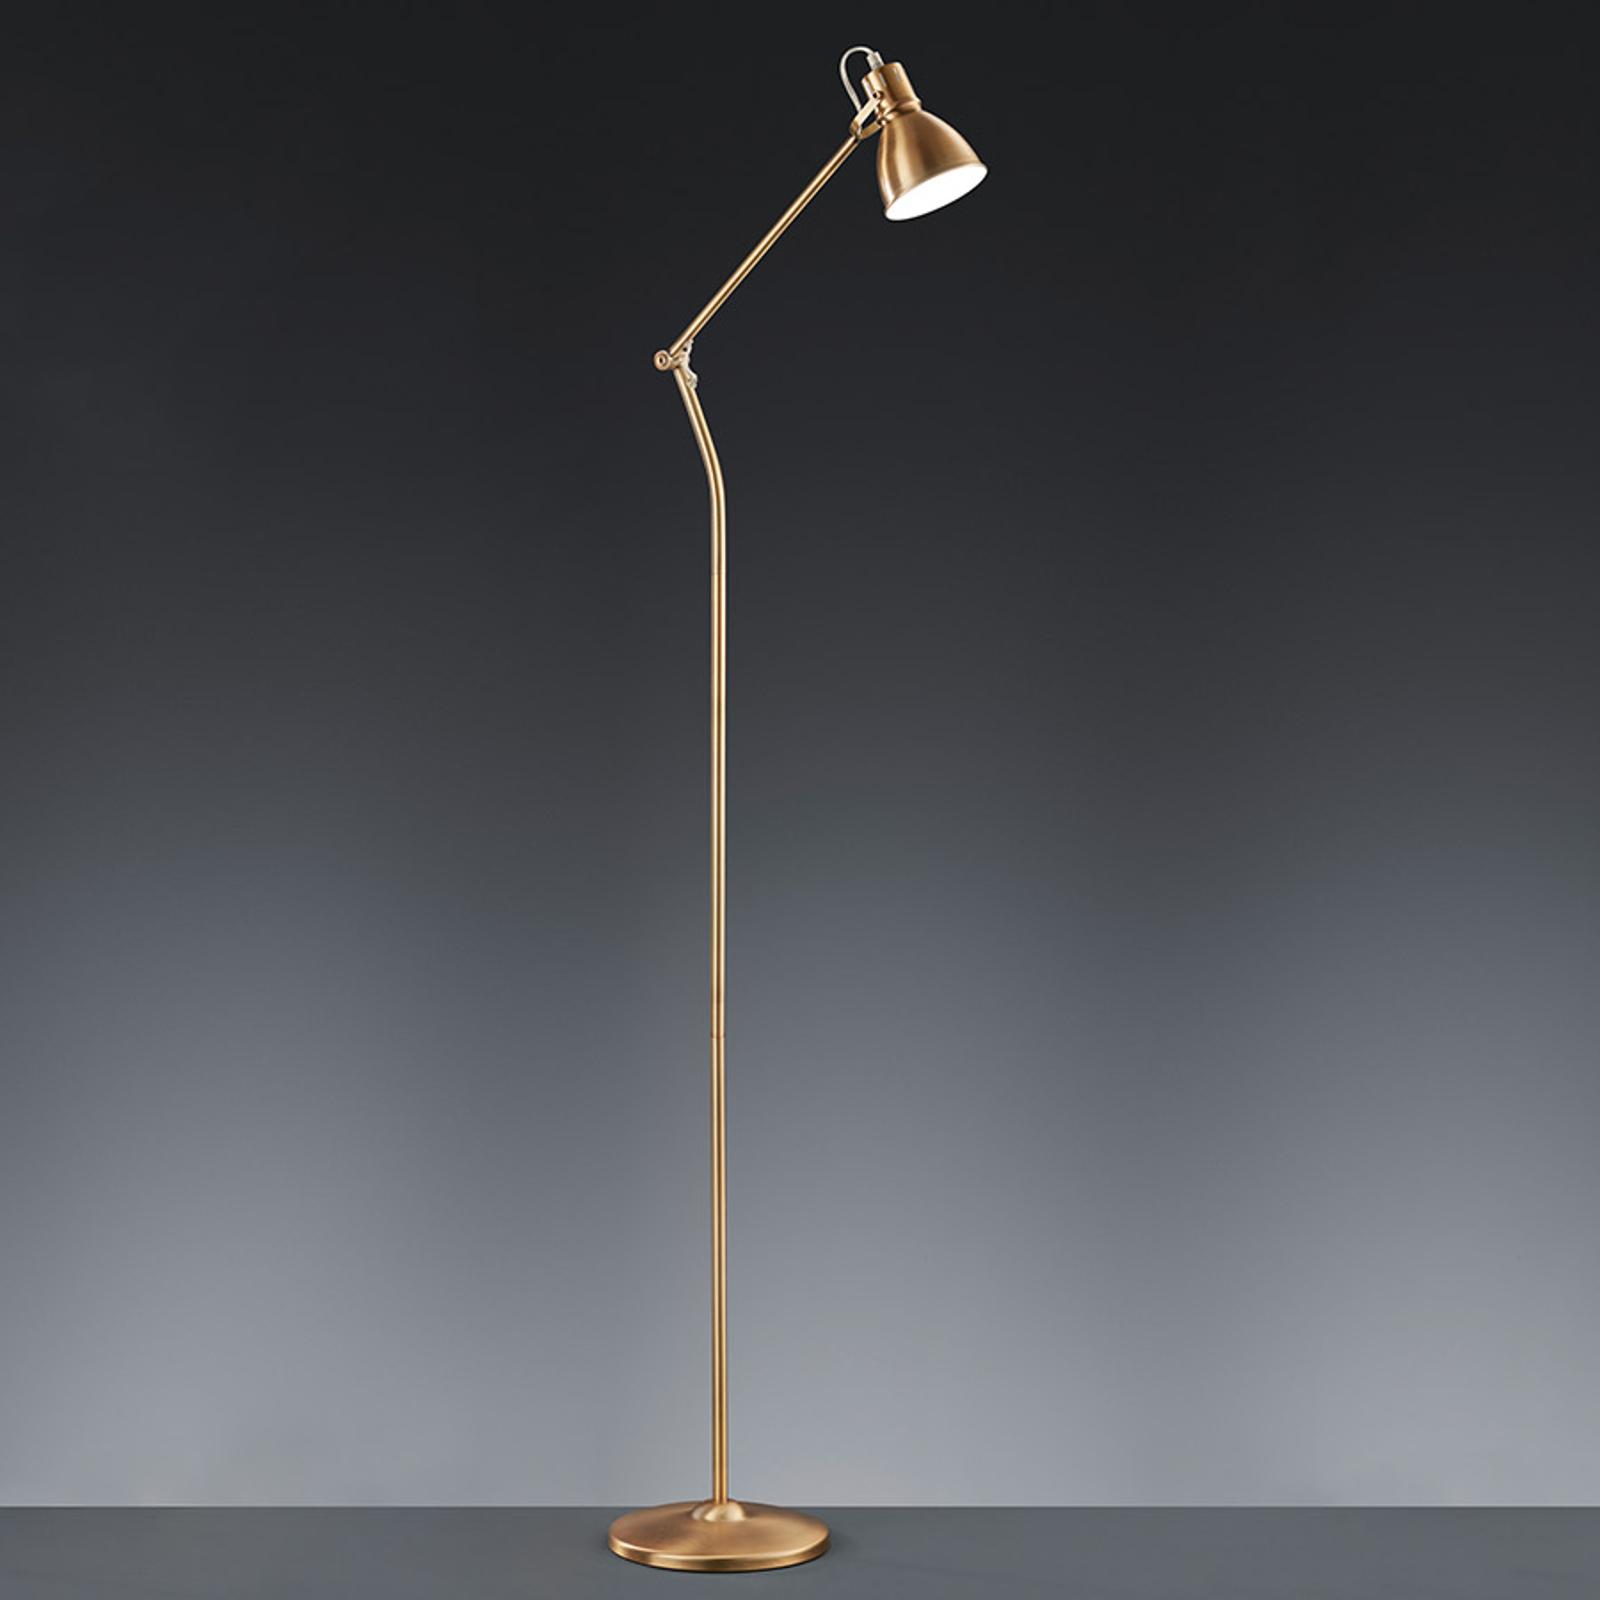 antik messing - gulvlampen Keali